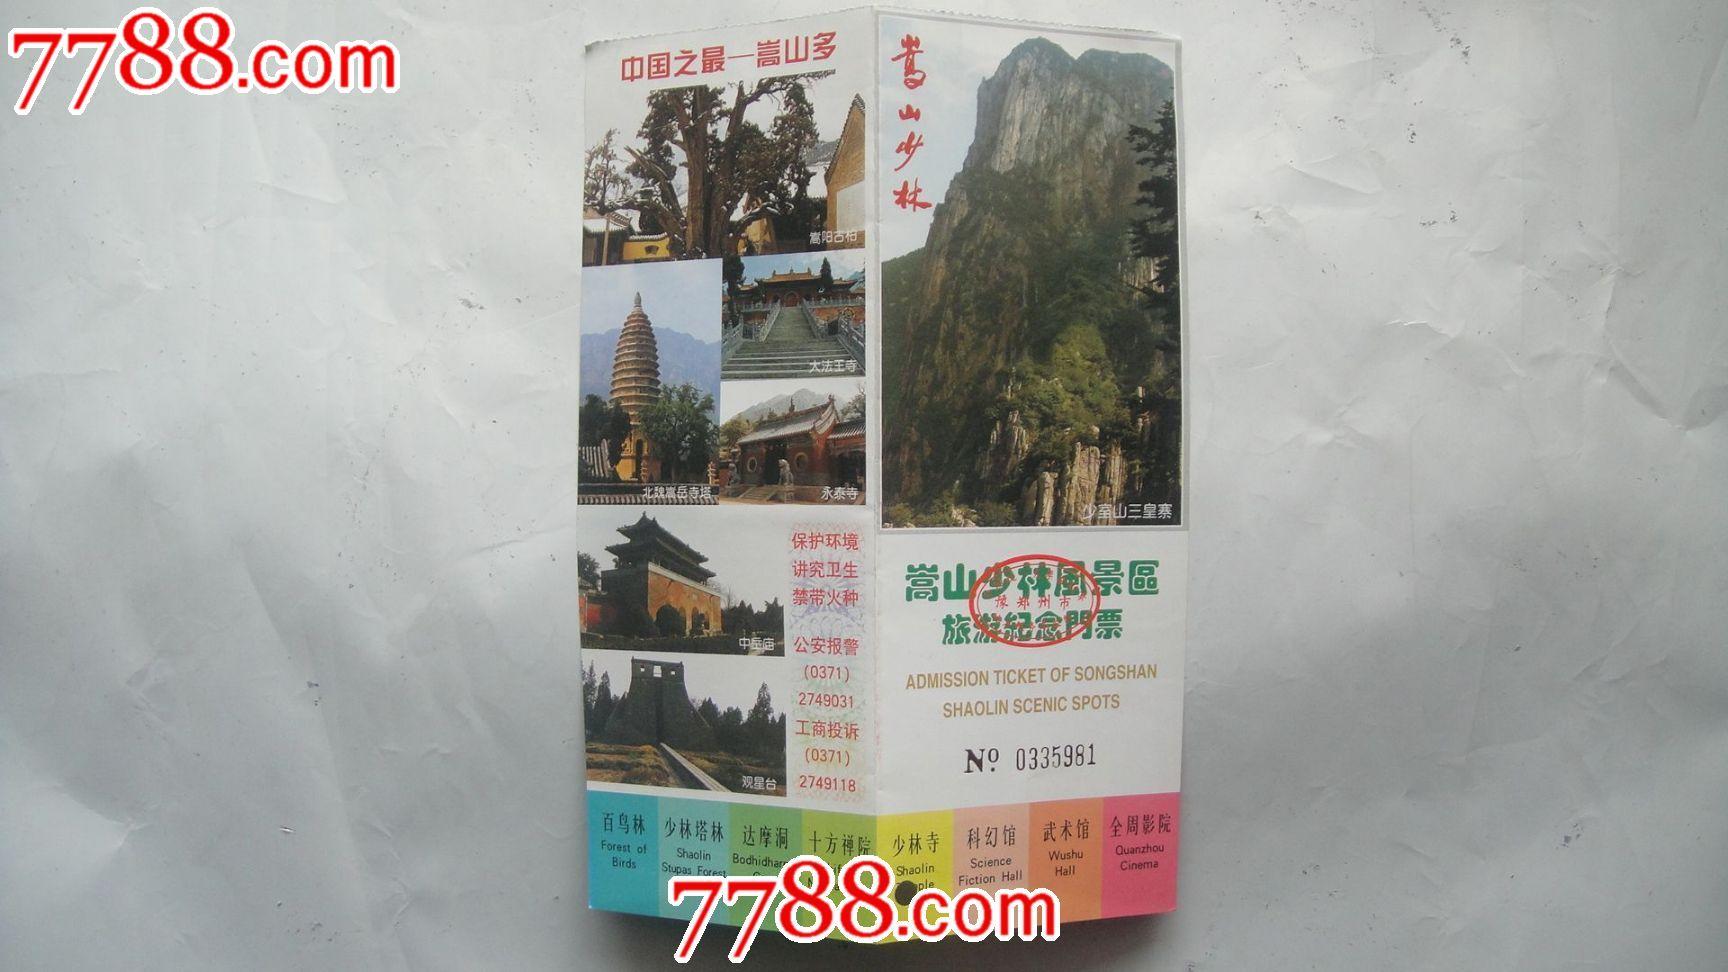 嵩山少林风景区旅游纪念门票